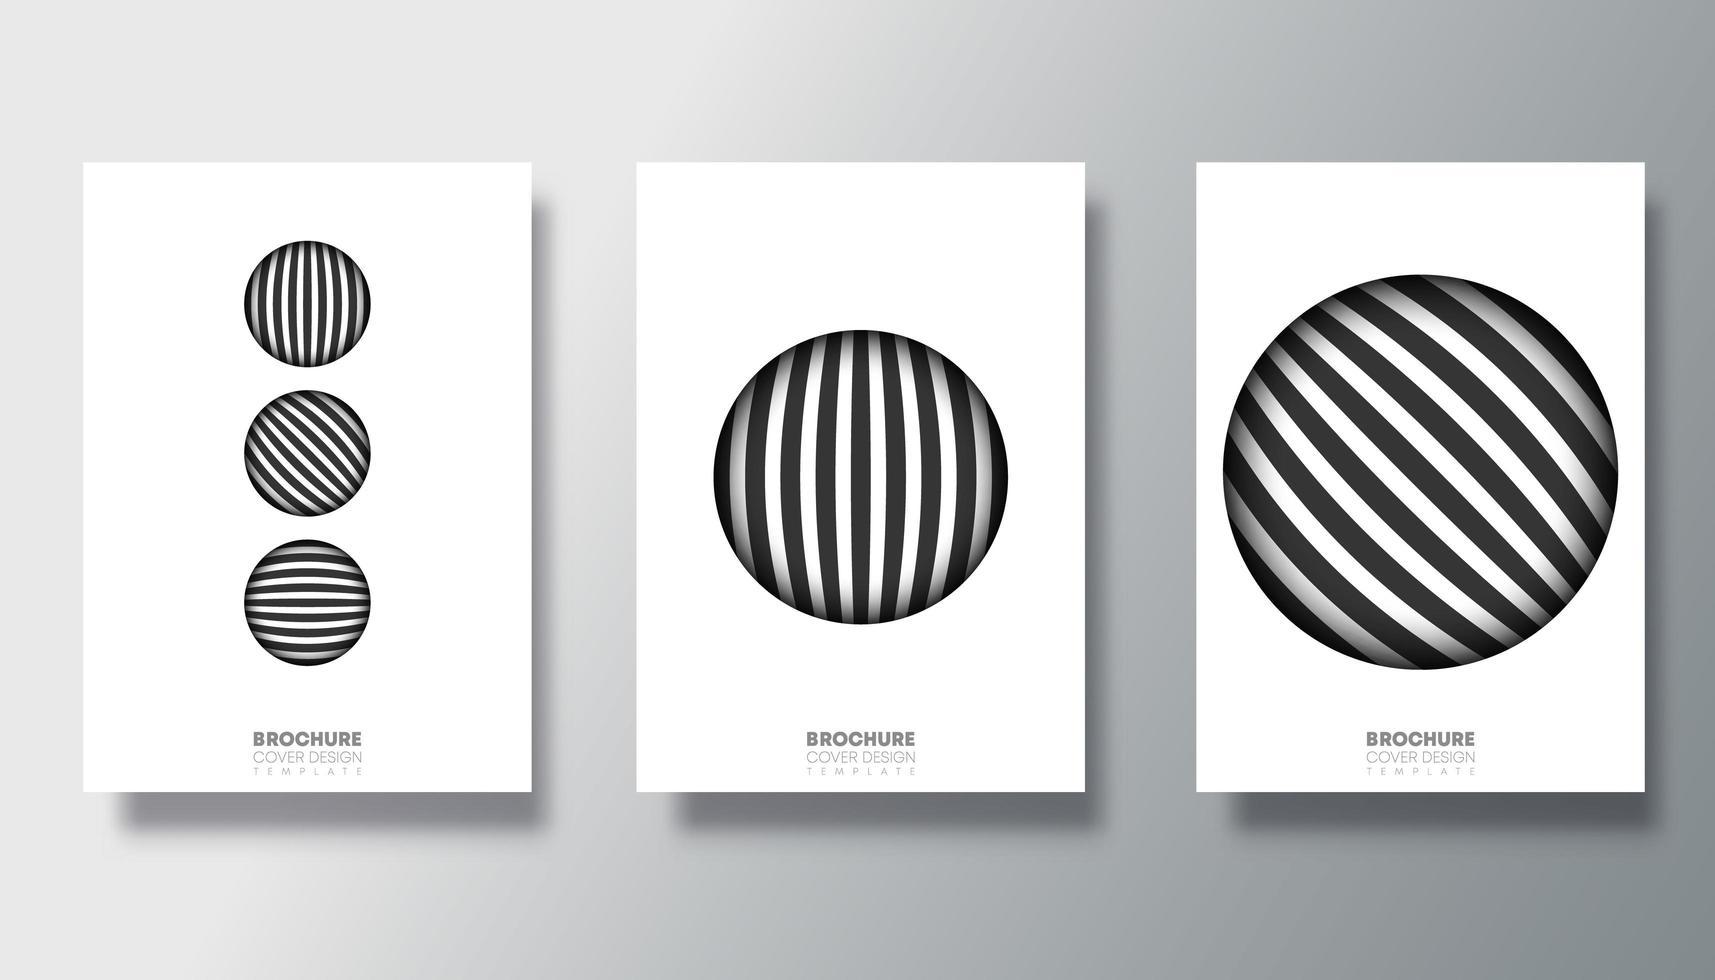 reeks witte achtergronden met gestreepte cirkelontwerpen vector